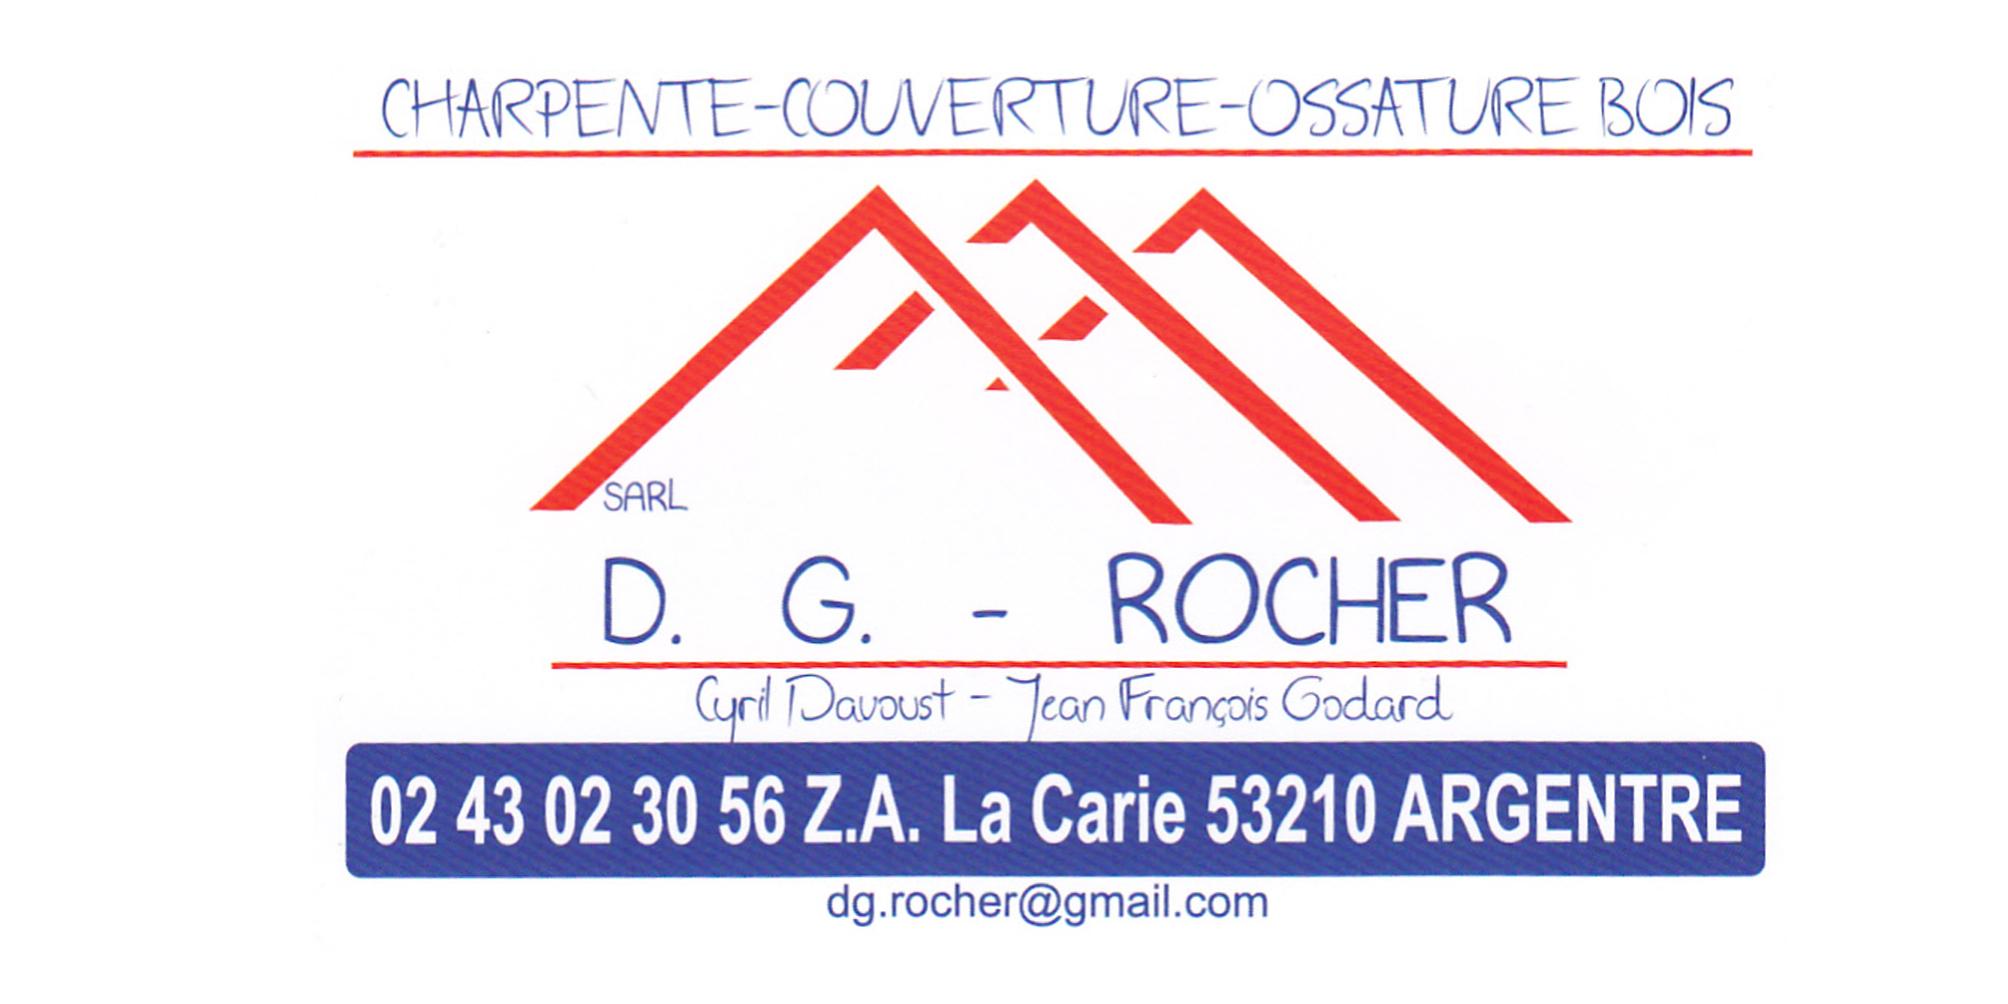 Charpente D.G. ROCHER